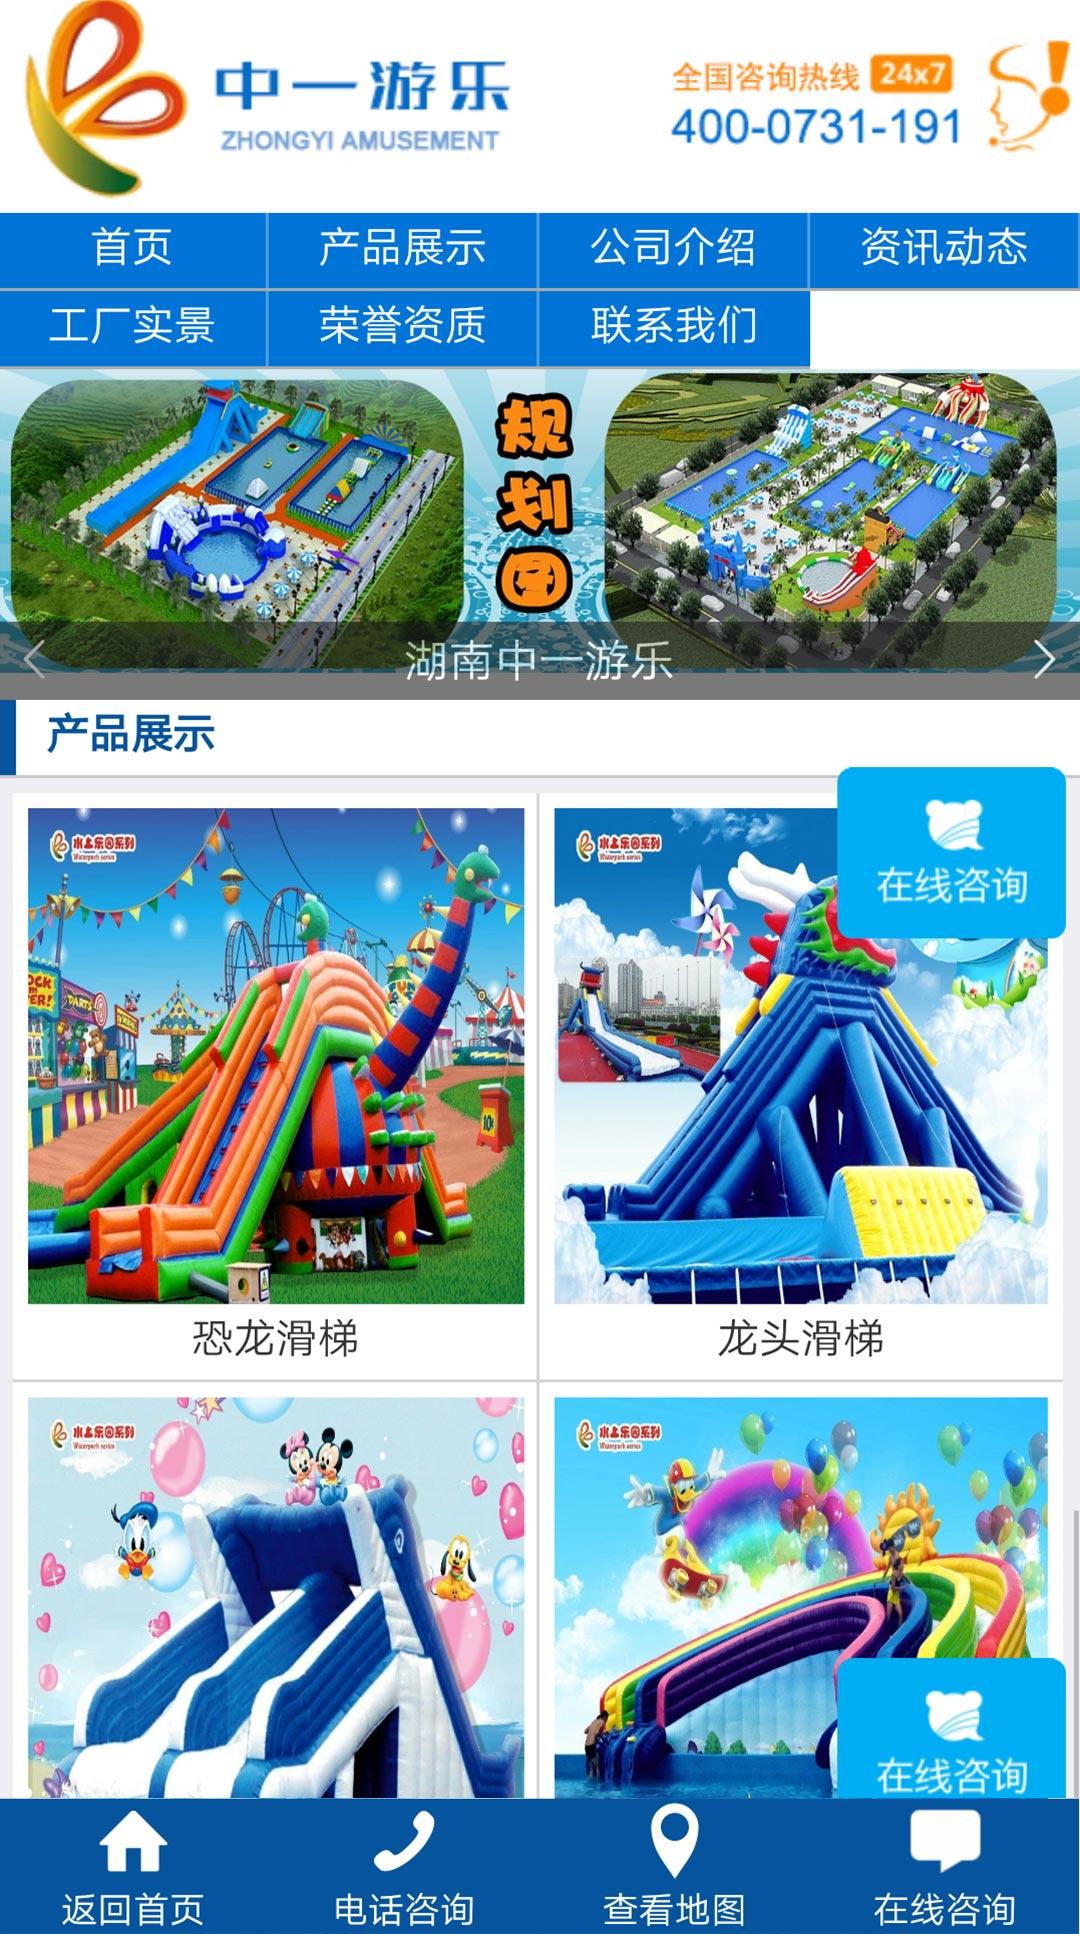 湖南省中一游乐设备有限公